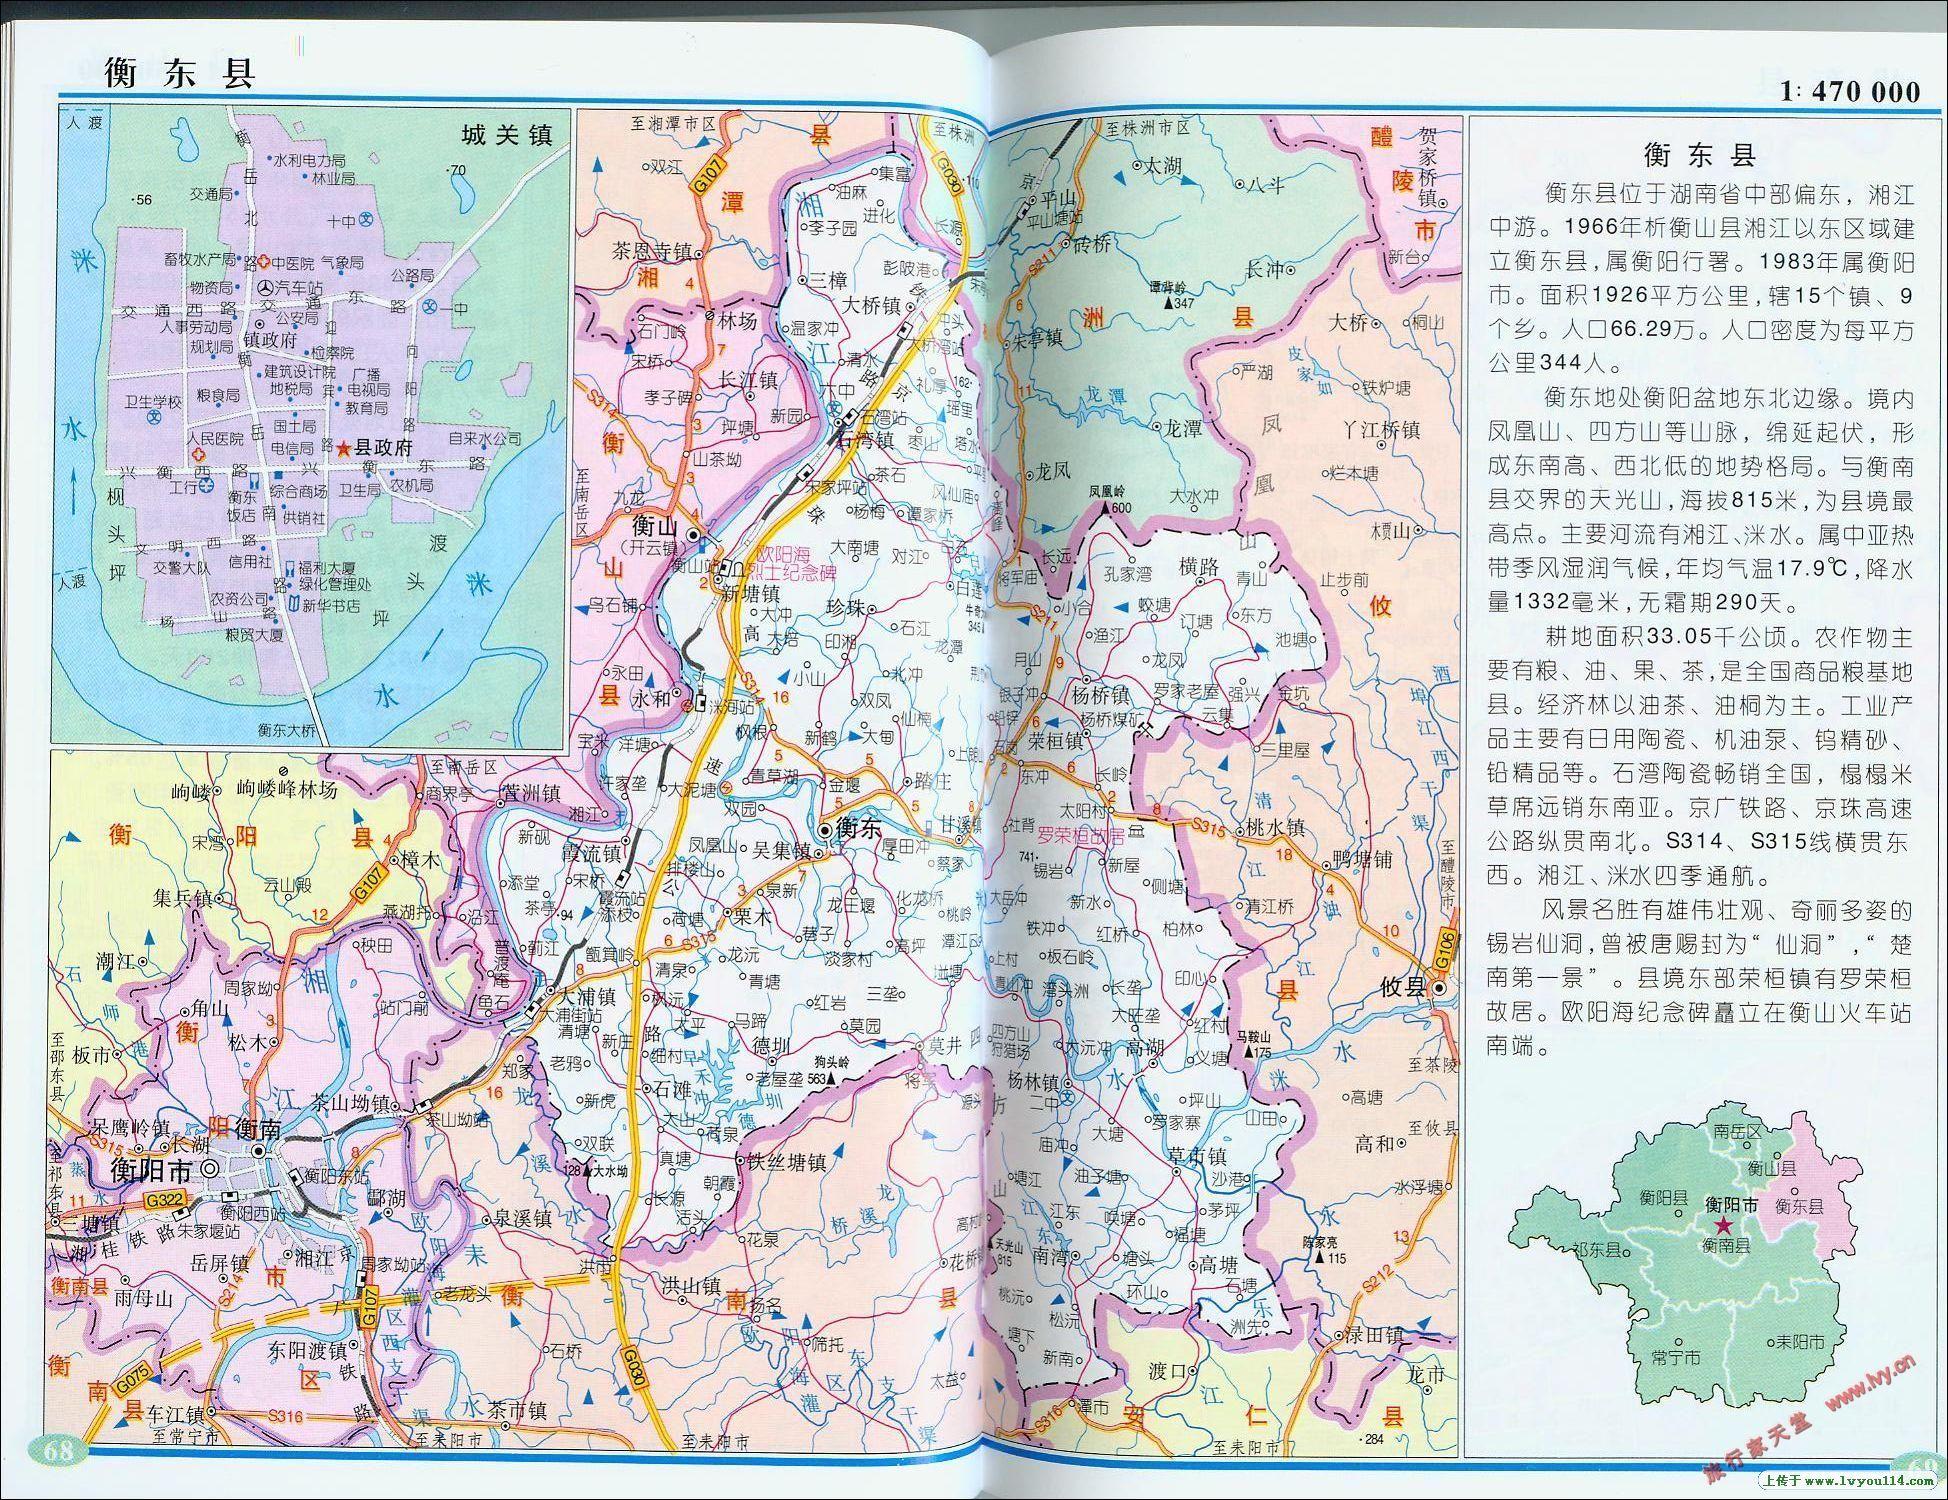 衡南县地图全图